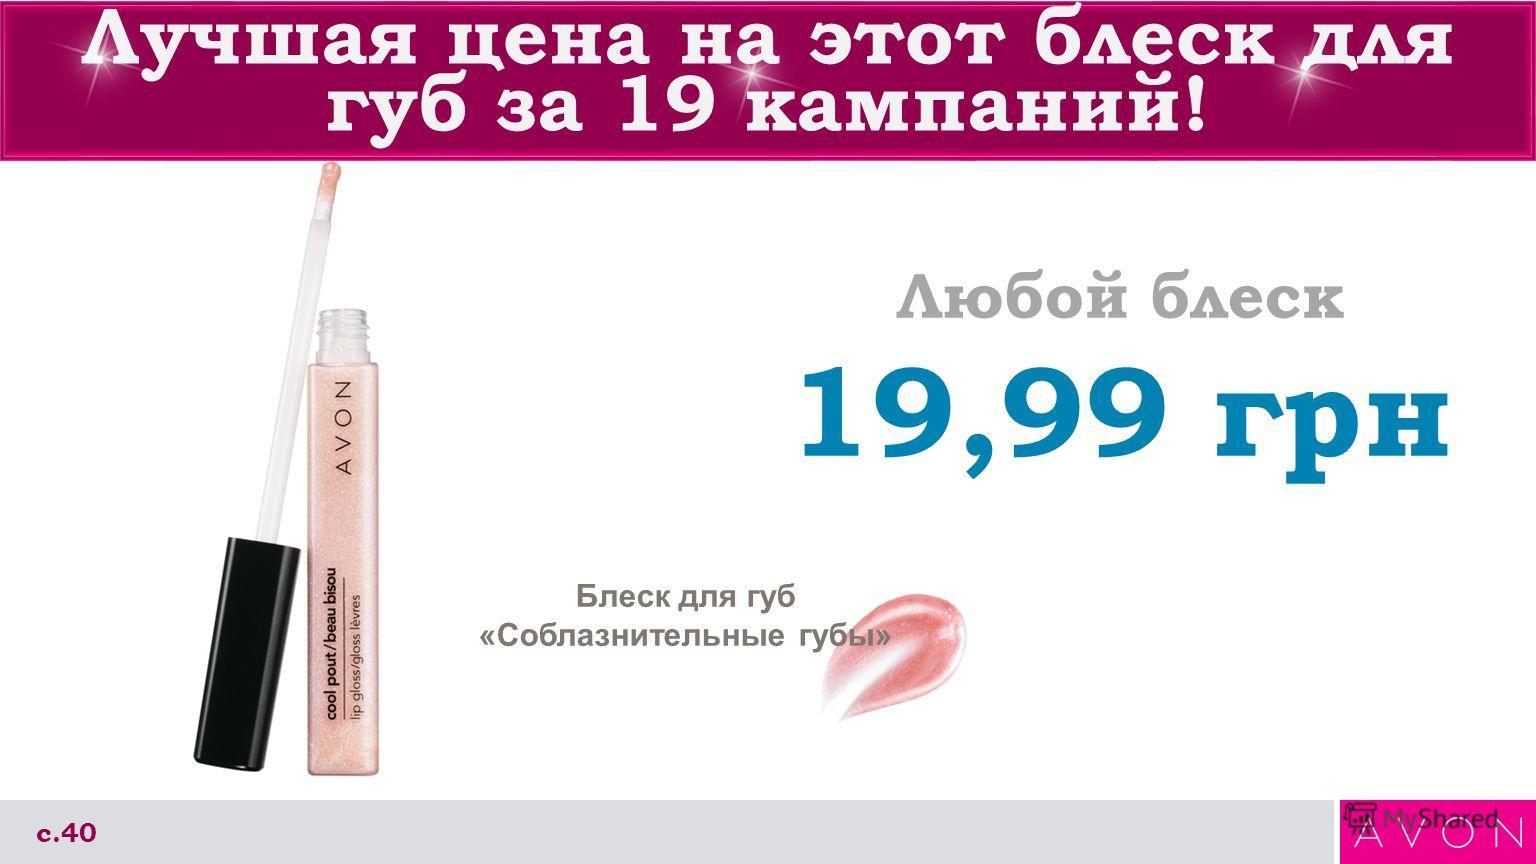 Лучшая цена на этот блеск для губ за 19 кампаний! с.40 Блеск для губ «Соблазнительные губы» Любой блеск 19,99 грн